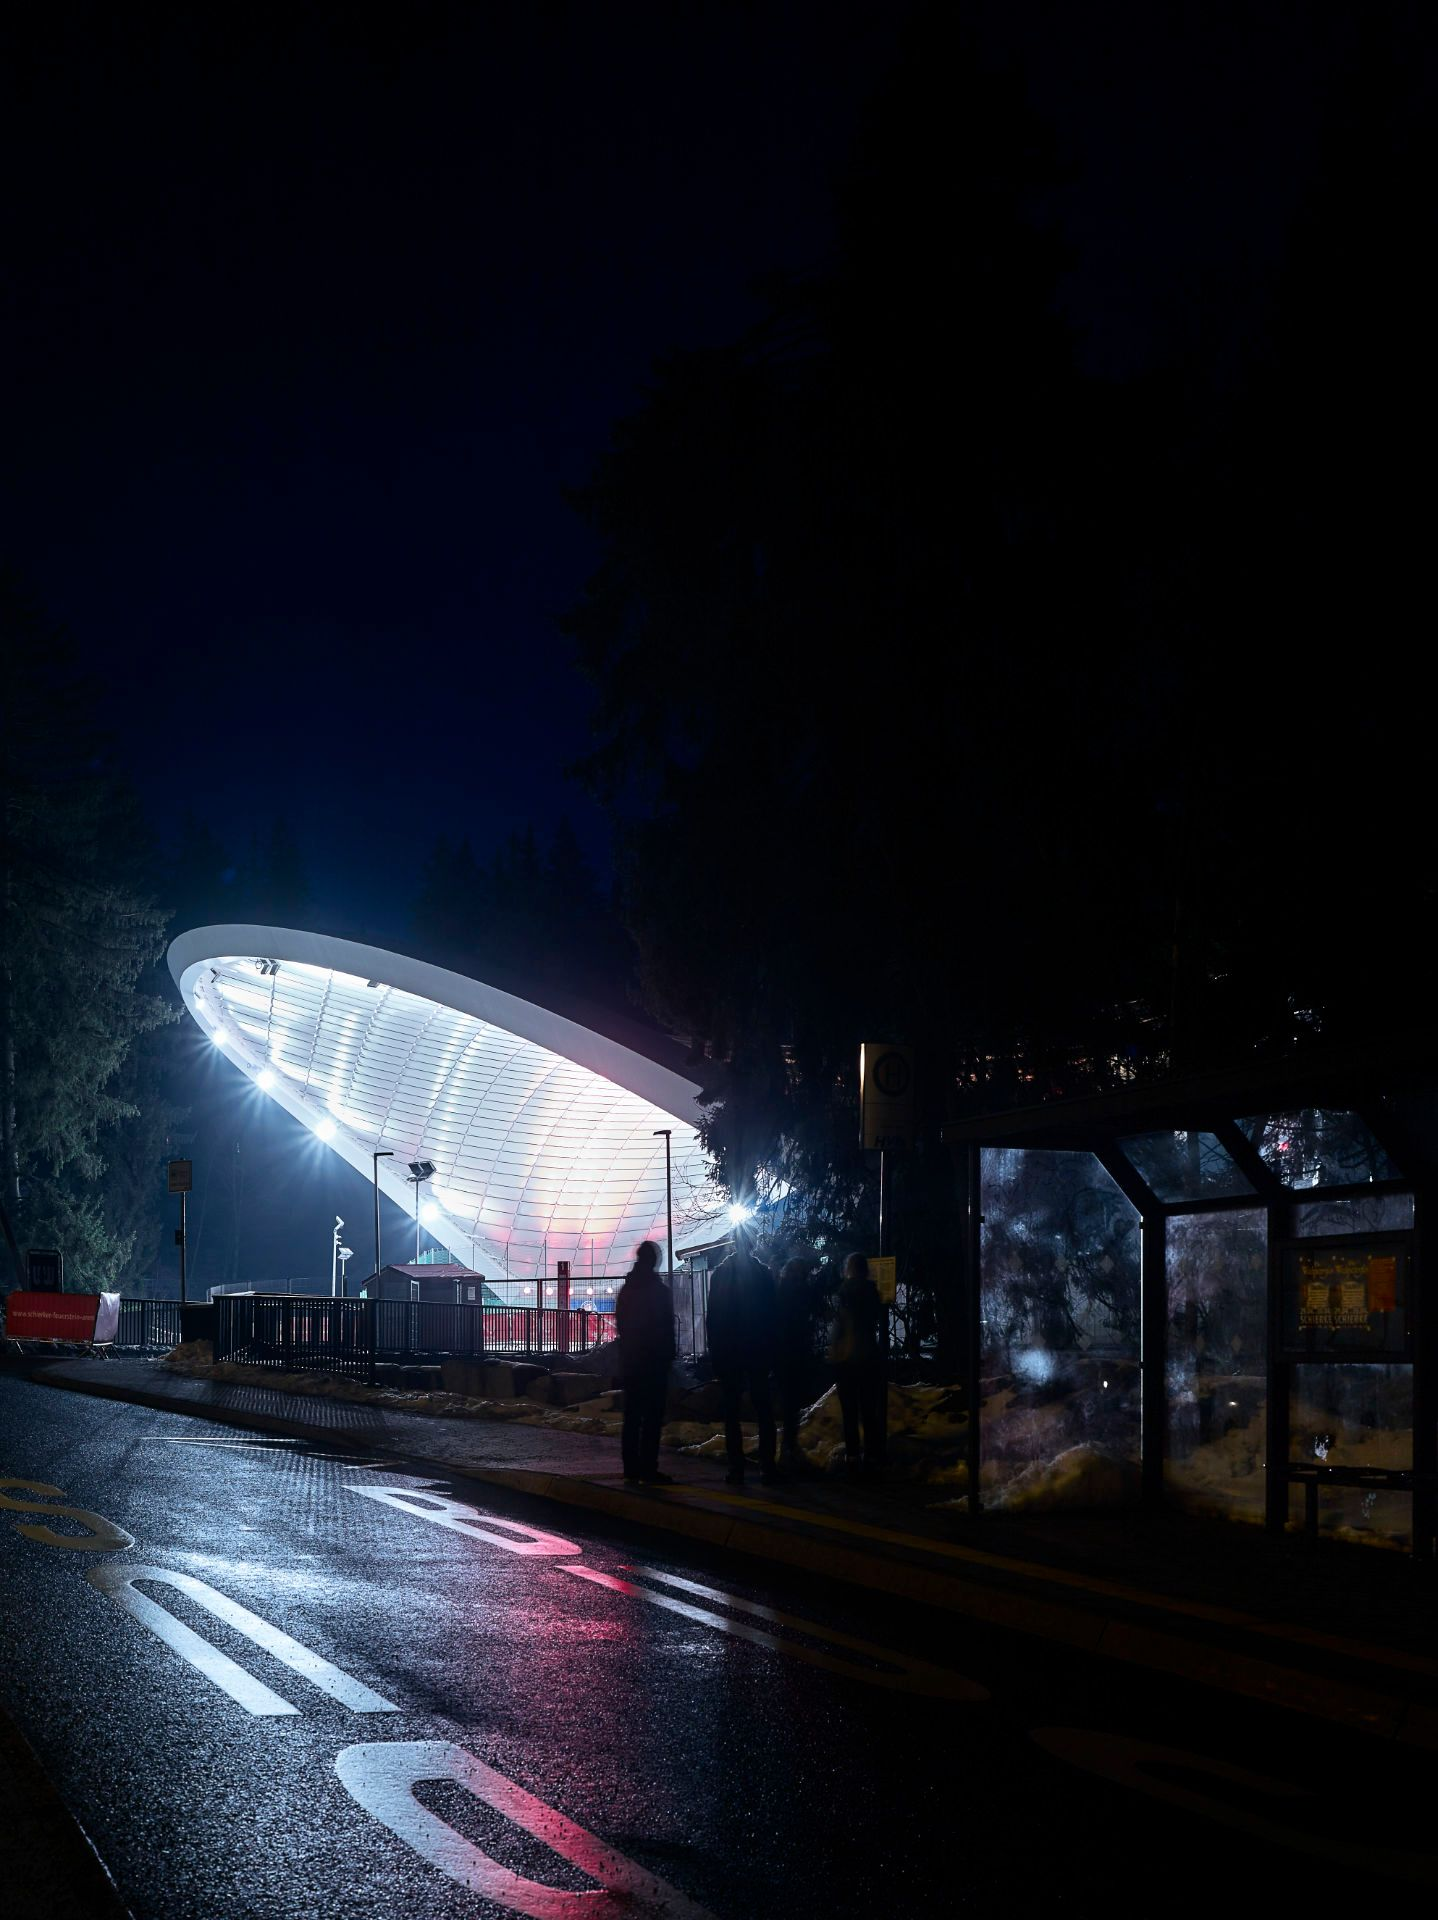 Ice Stadium Schierker Feuerstein Arena